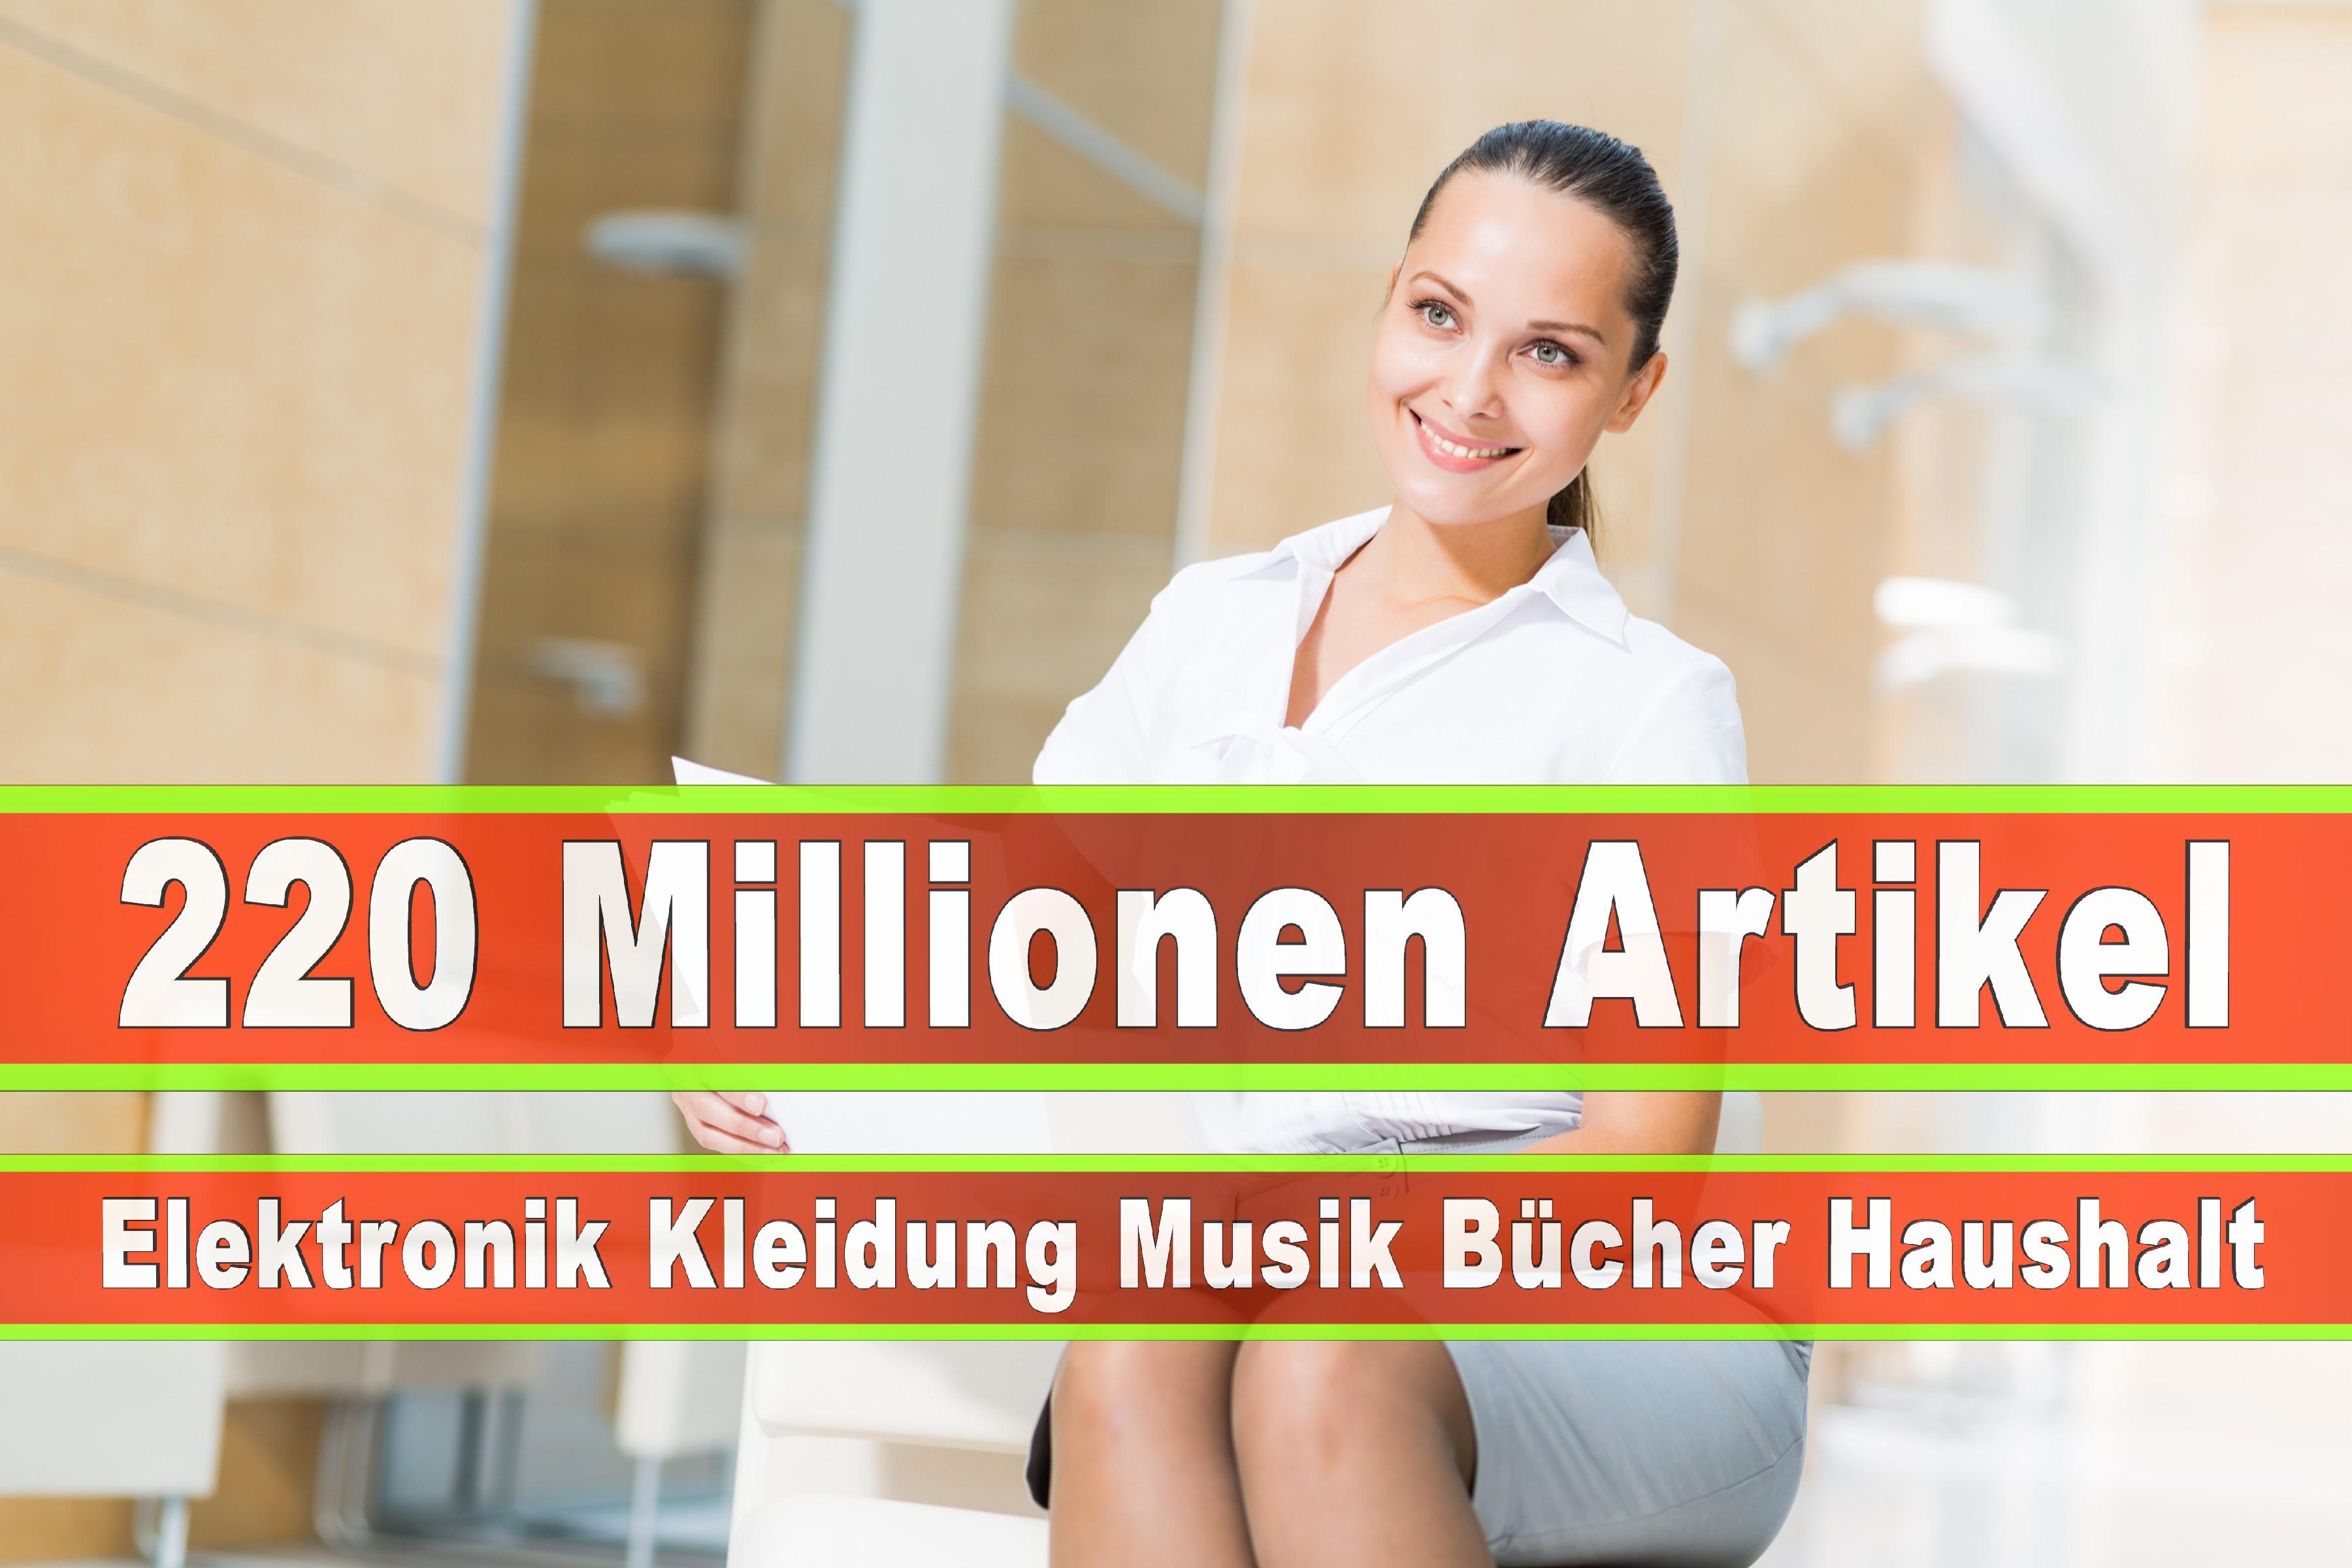 Amazon Elektronik Musik Haushalt Bücher CD DVD Handys Smartphones TV Television Fernseher Kleidung Mode Ebay Versandhaus (115)